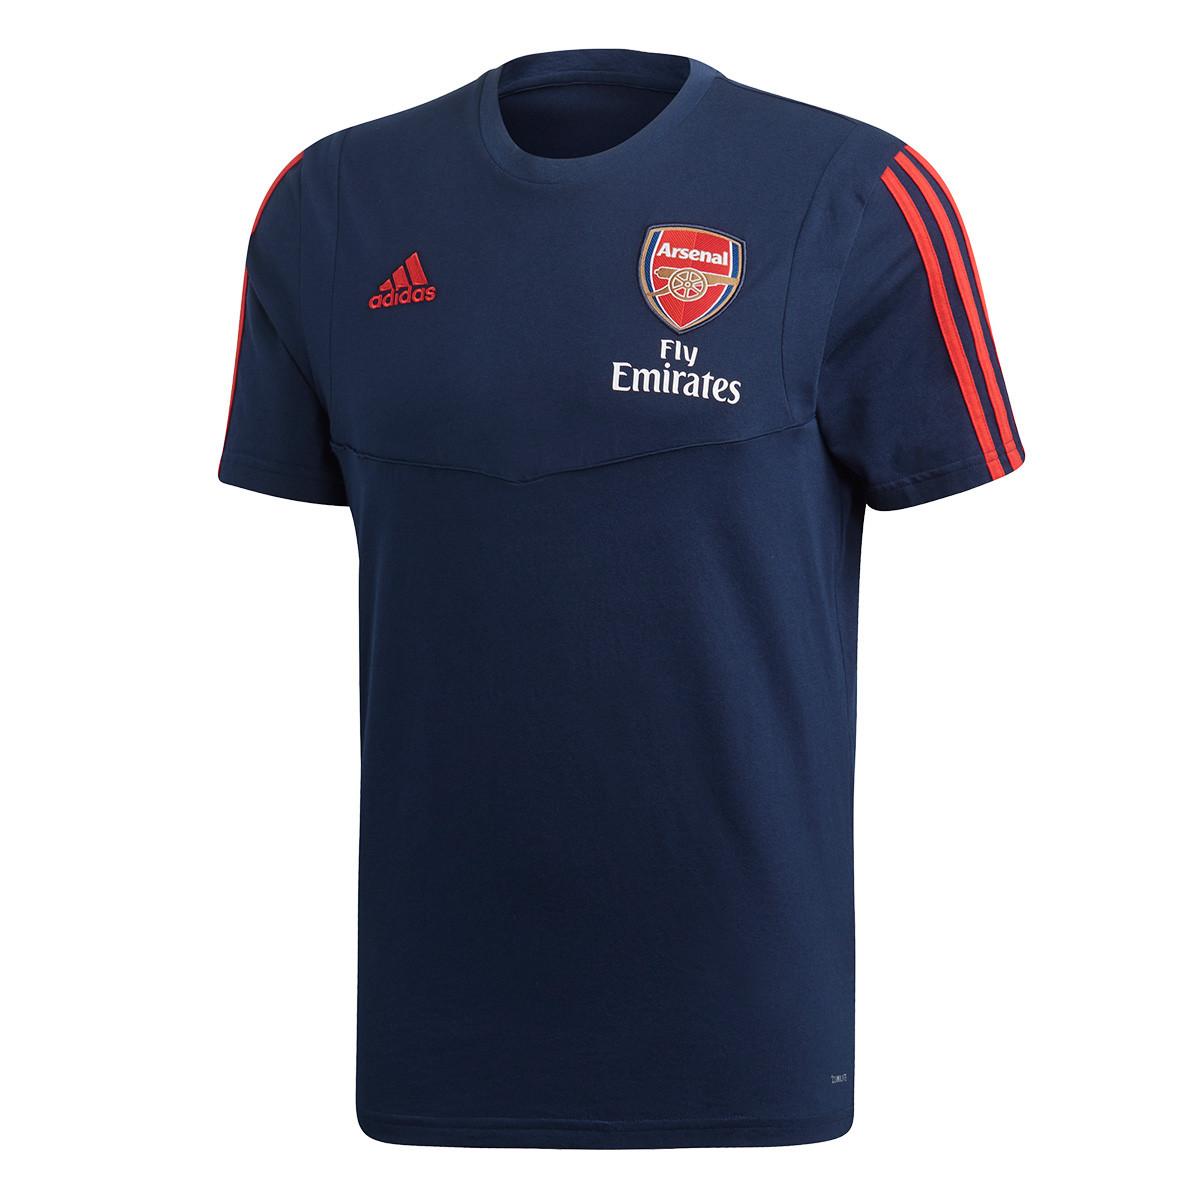 official photos 9a8da 2c4e6 Camiseta Arsenal FC 2019-2020 Collegiate navy-Scarlet